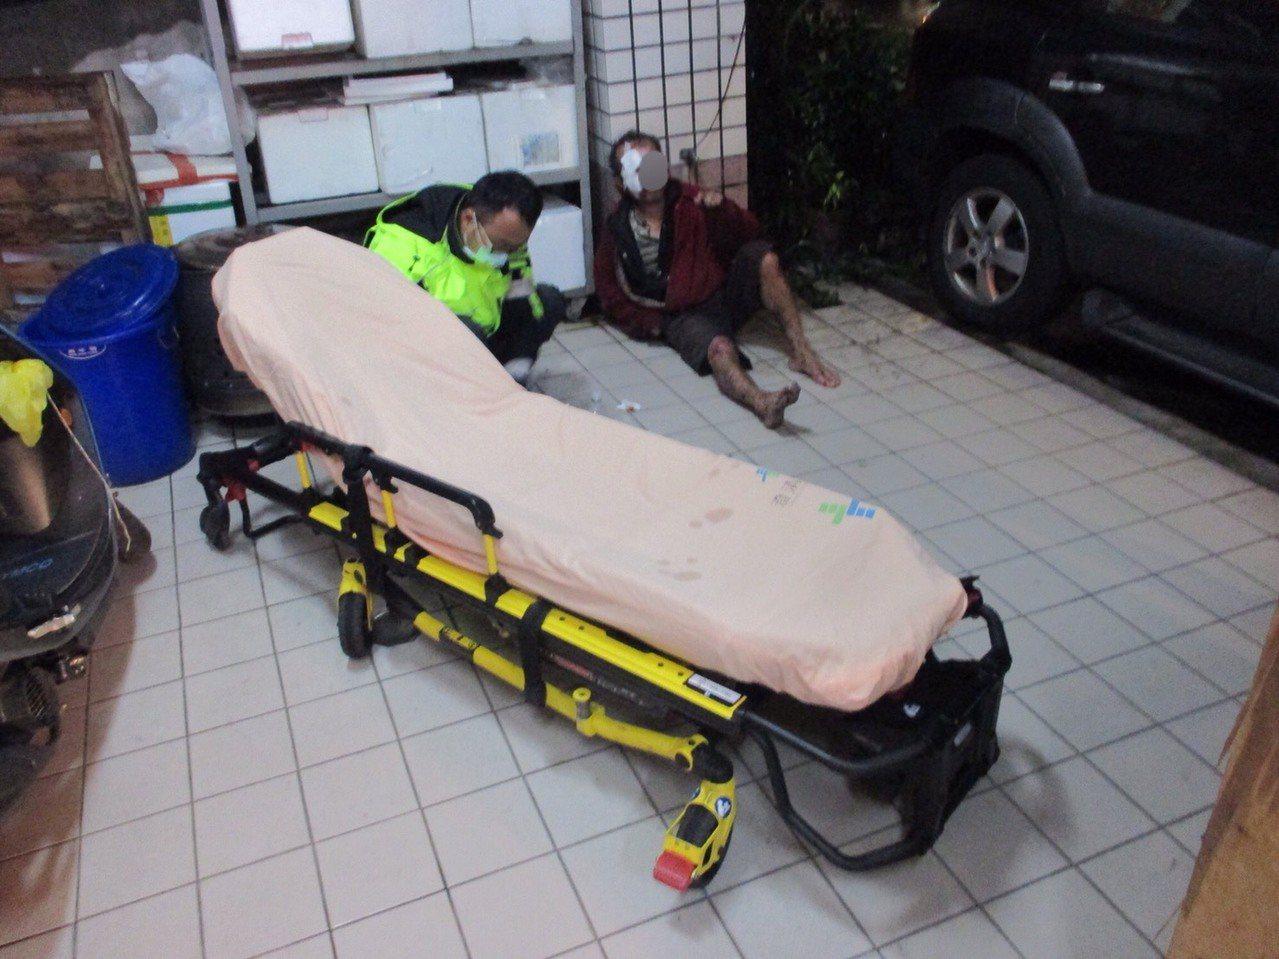 街友寒流躲雨失足摔傷 警協助就醫赴收容中心